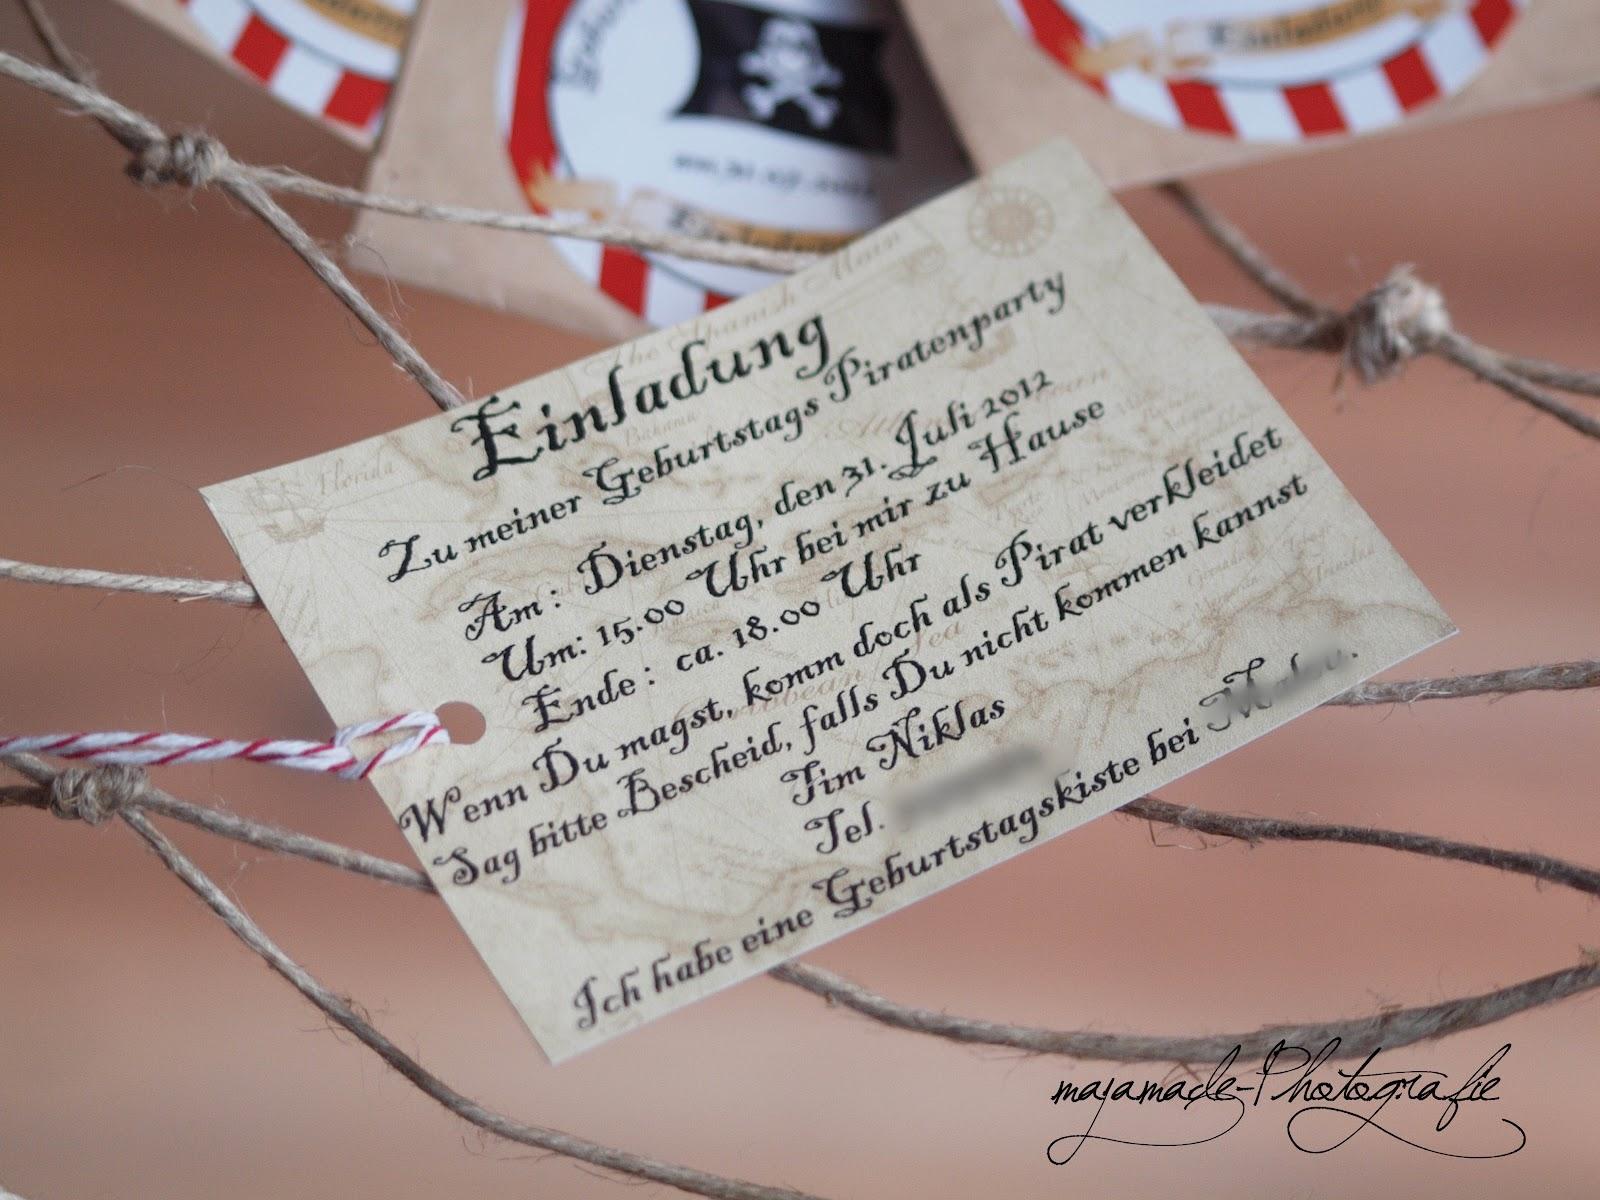 piraten einladung text | brillebrille, Einladung